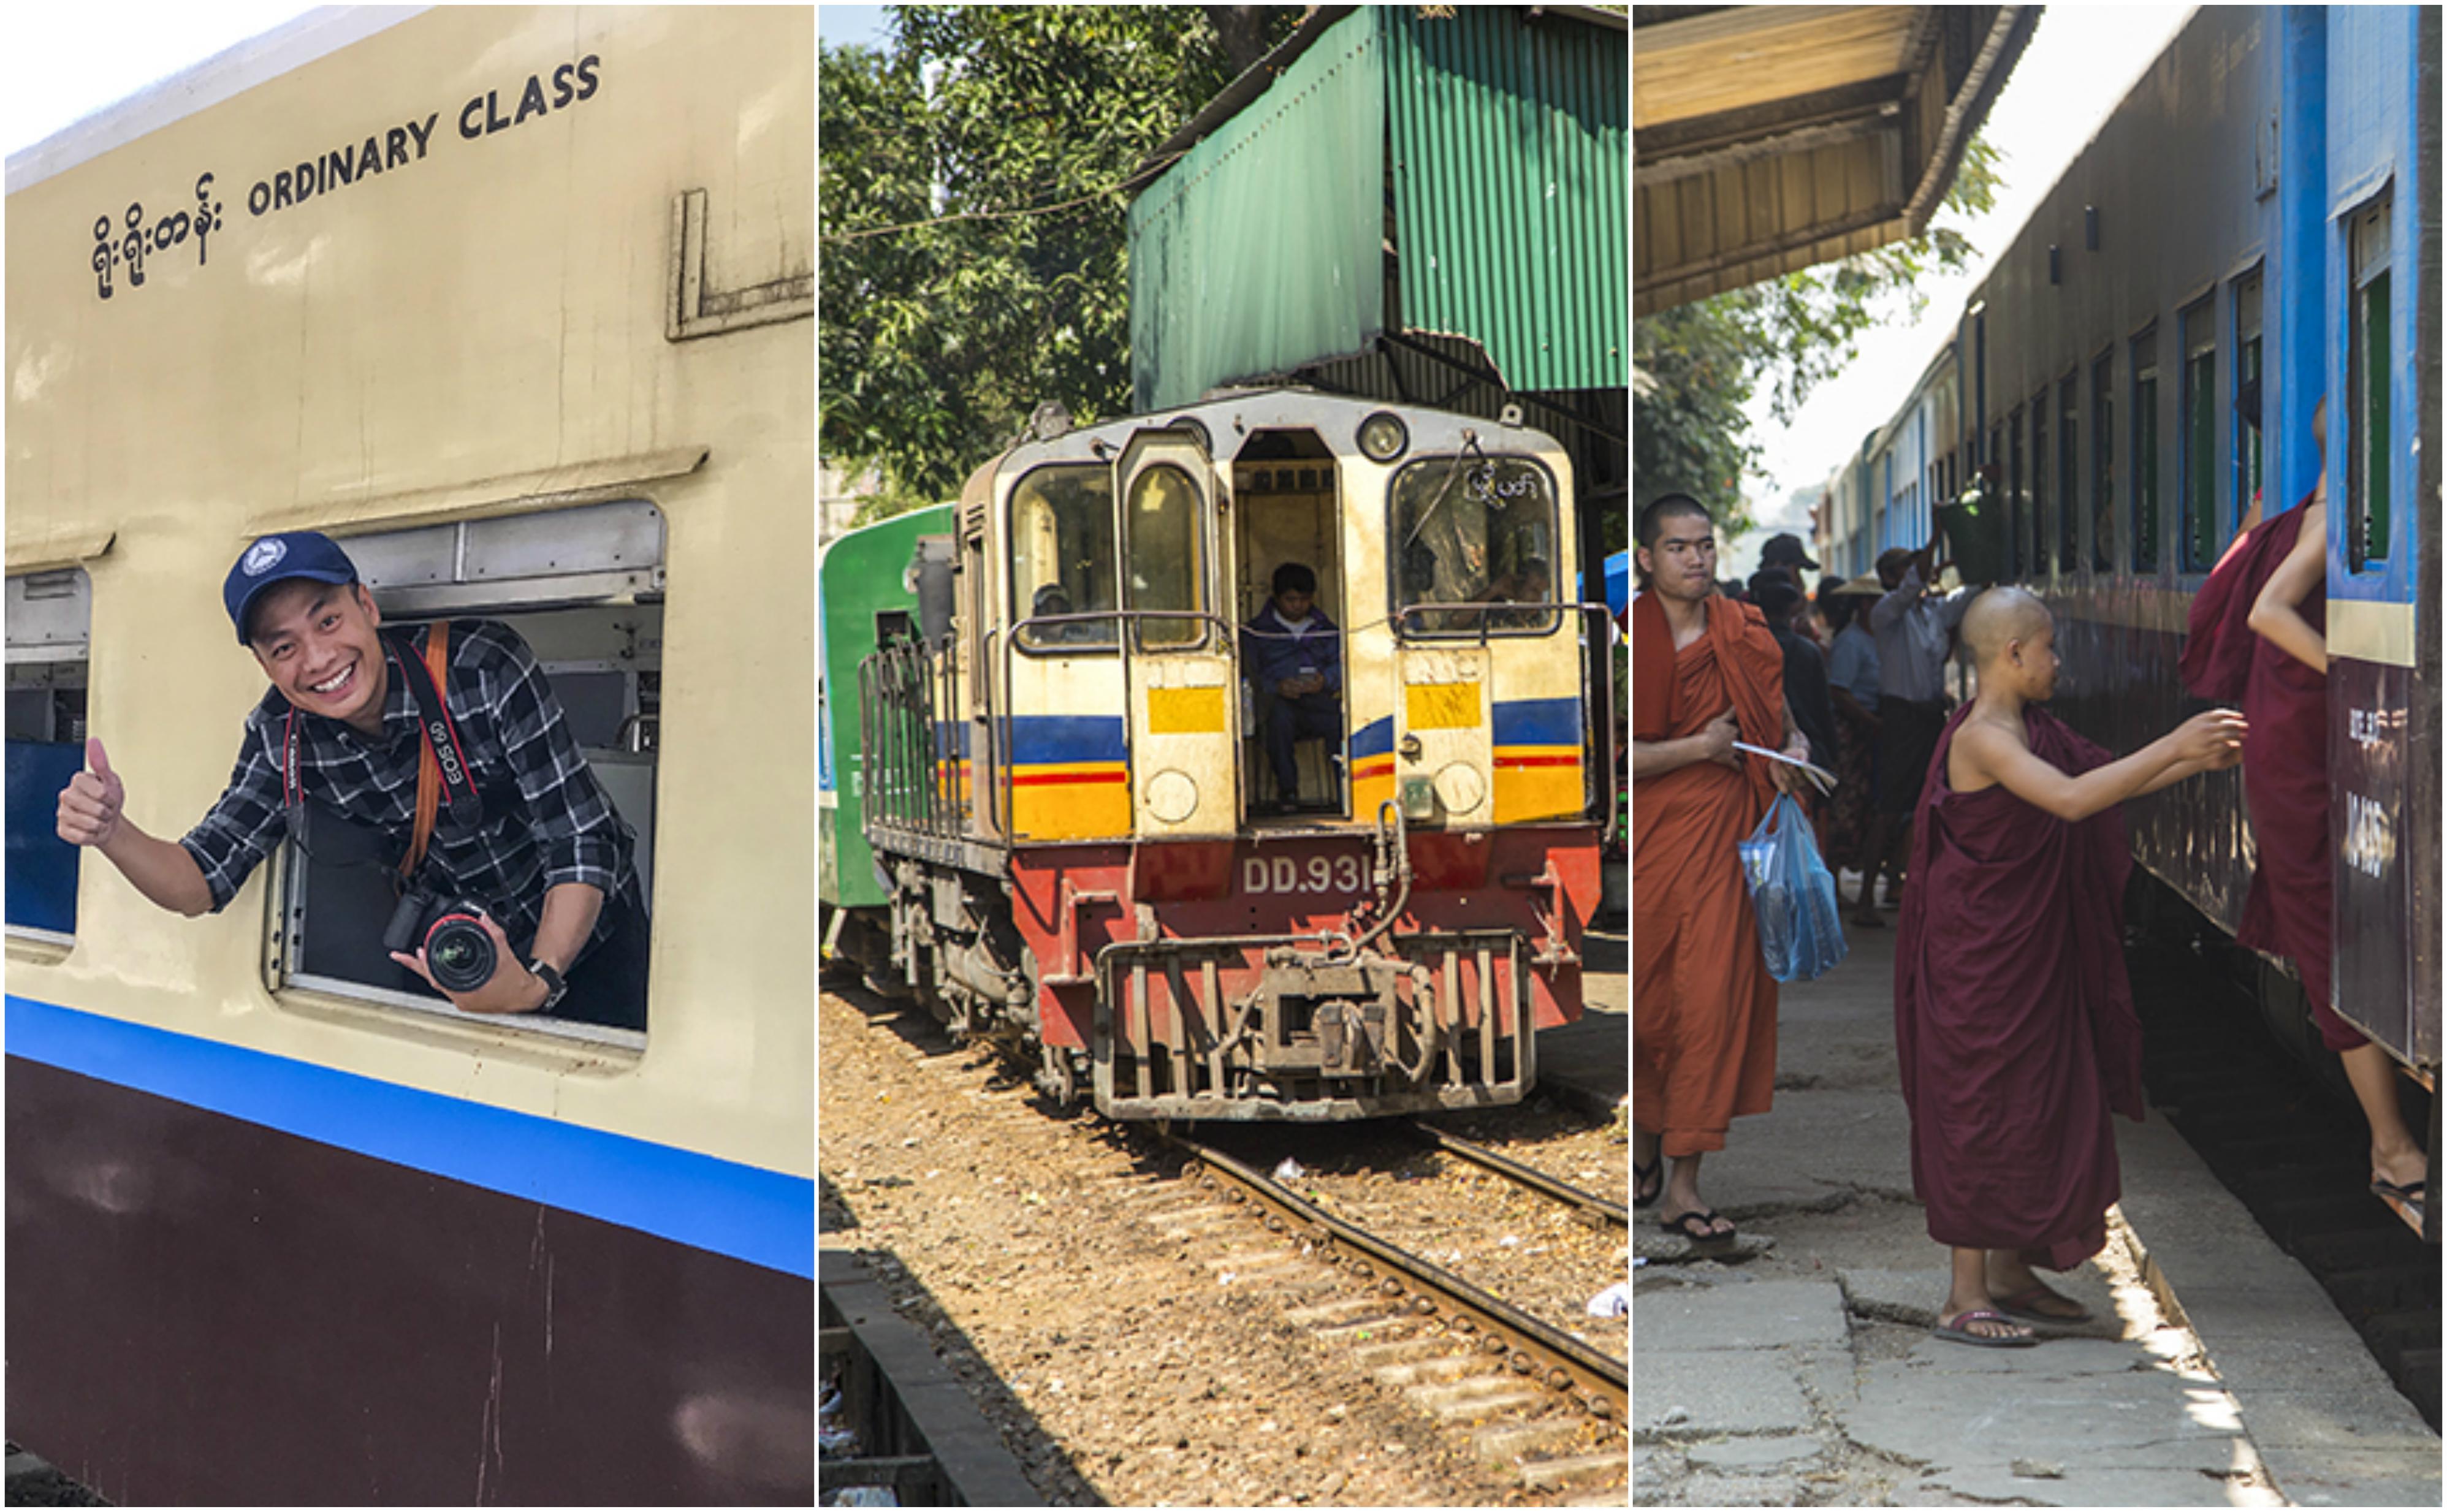 Trở về tuổi thơ với chuyến tàu vòng quanh Yangon chỉ 3.500VND